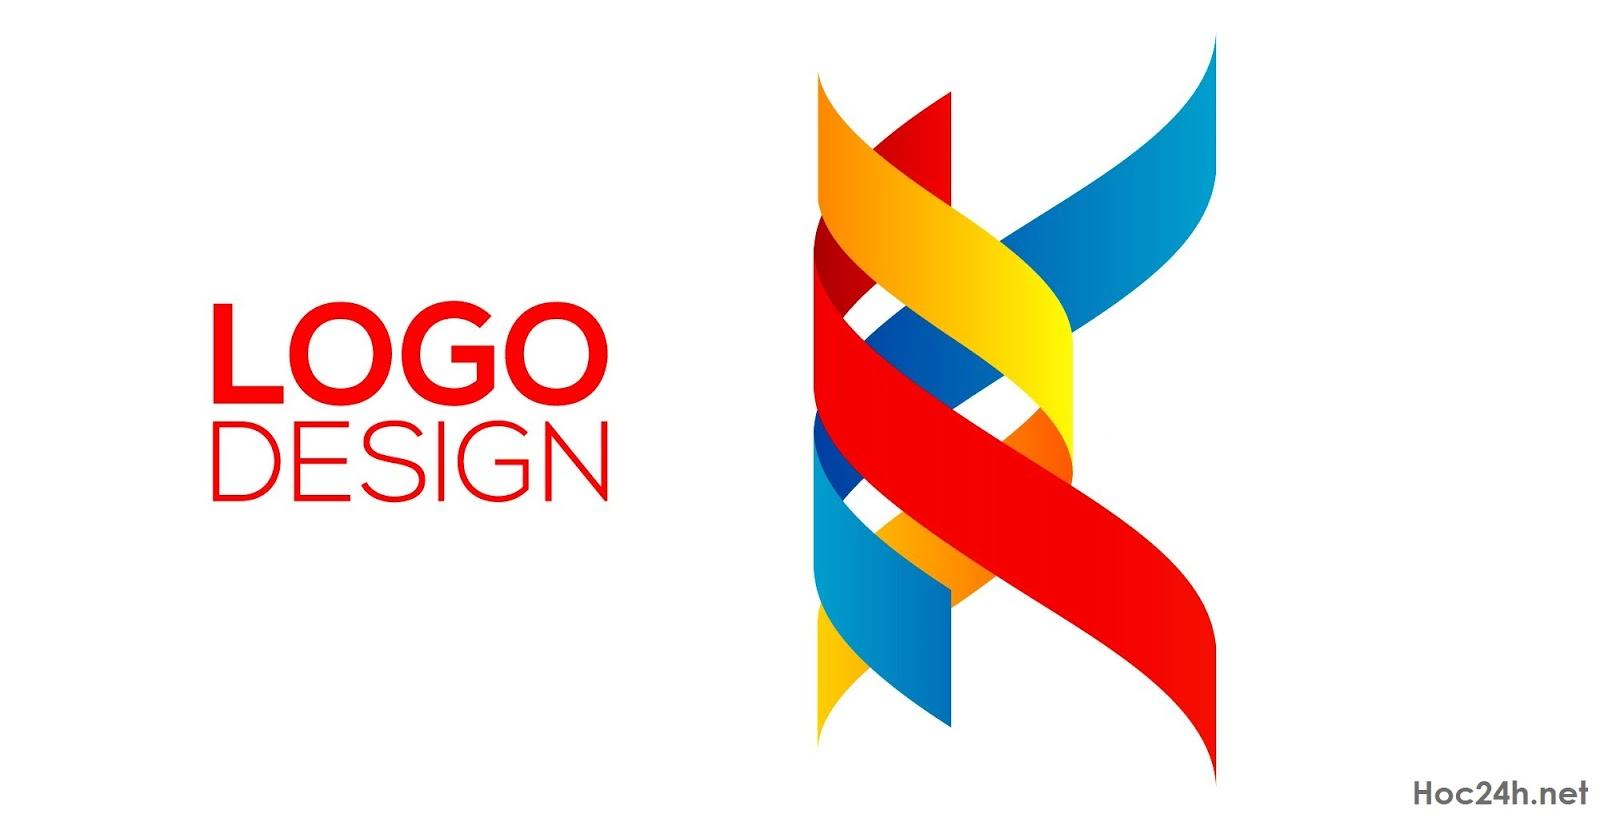 Share khóa học thiết kế LOGO - Xây dựng thương hiệu ấn tượng